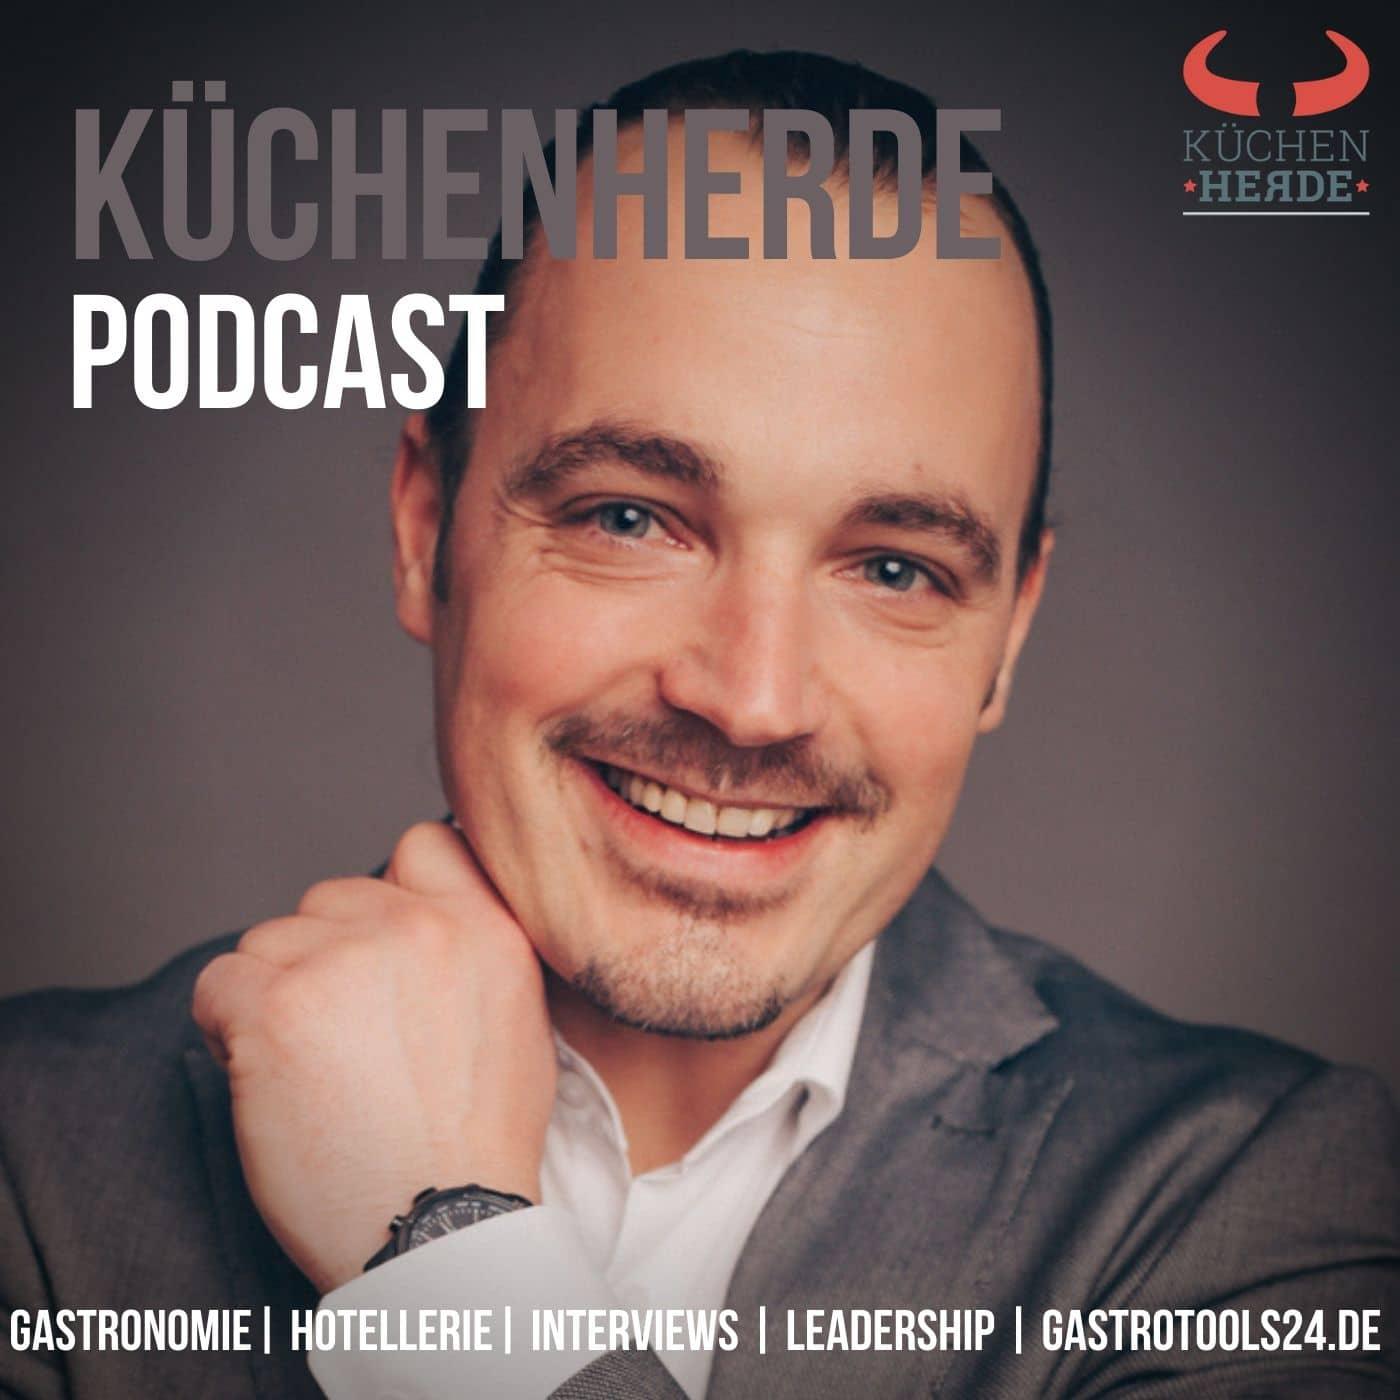 Küchenherde-Podcast-Cover